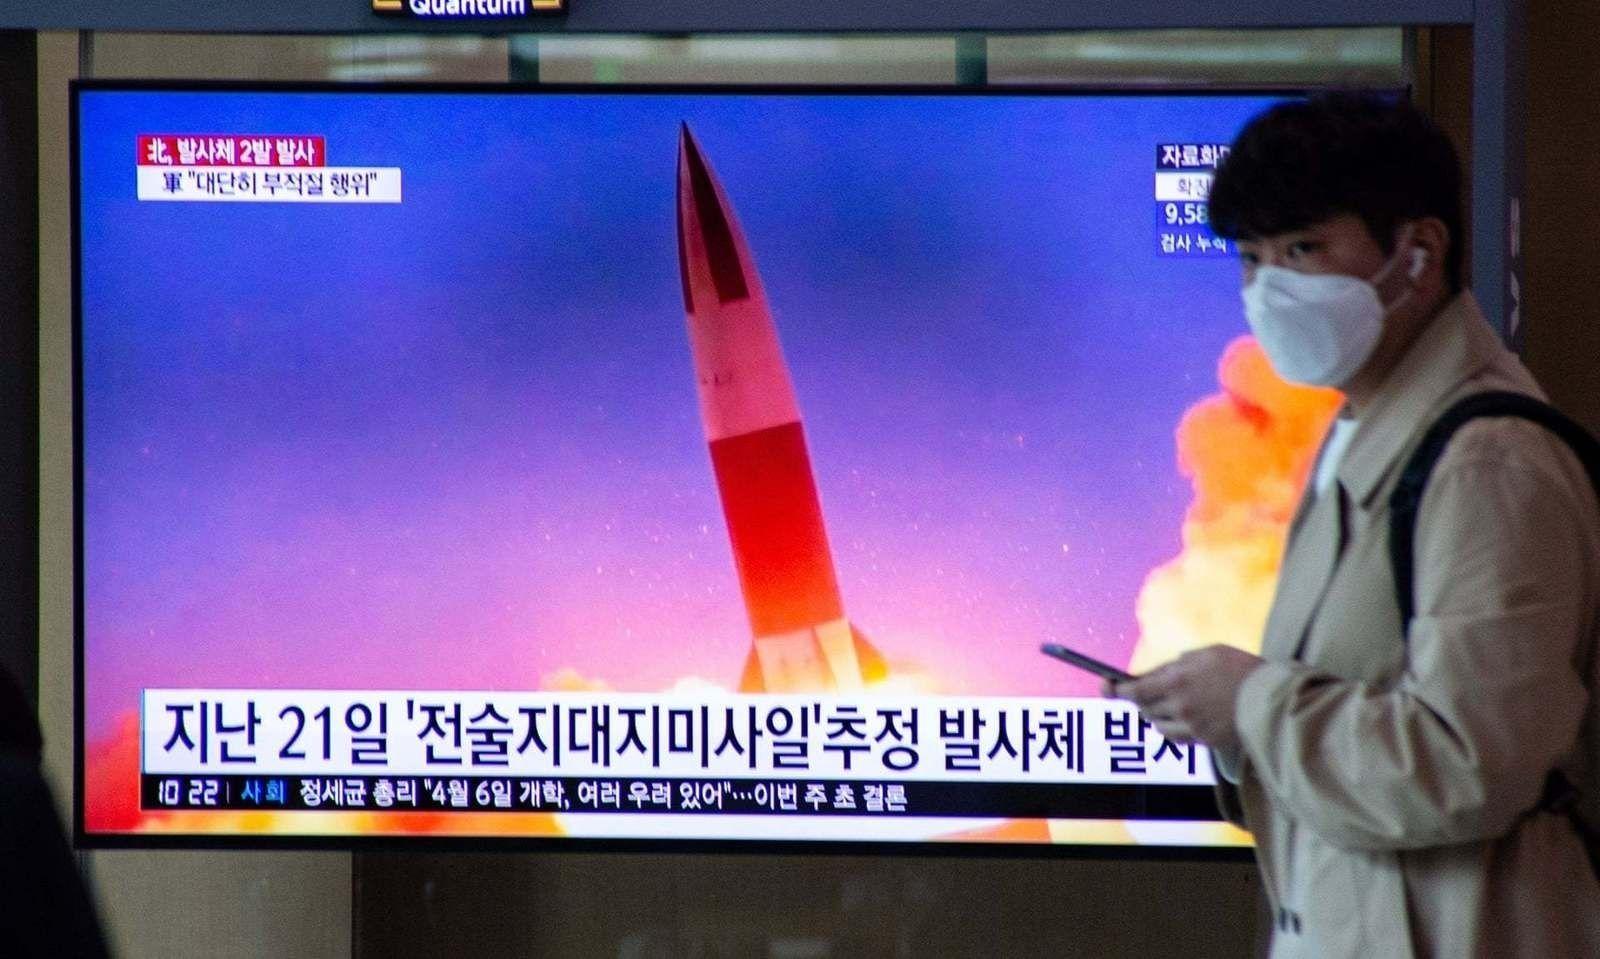 Дэлхий коронавирустэй тэмцэж байх хооронд Умард Солонгос ес дэх пуужингээ харвалаа